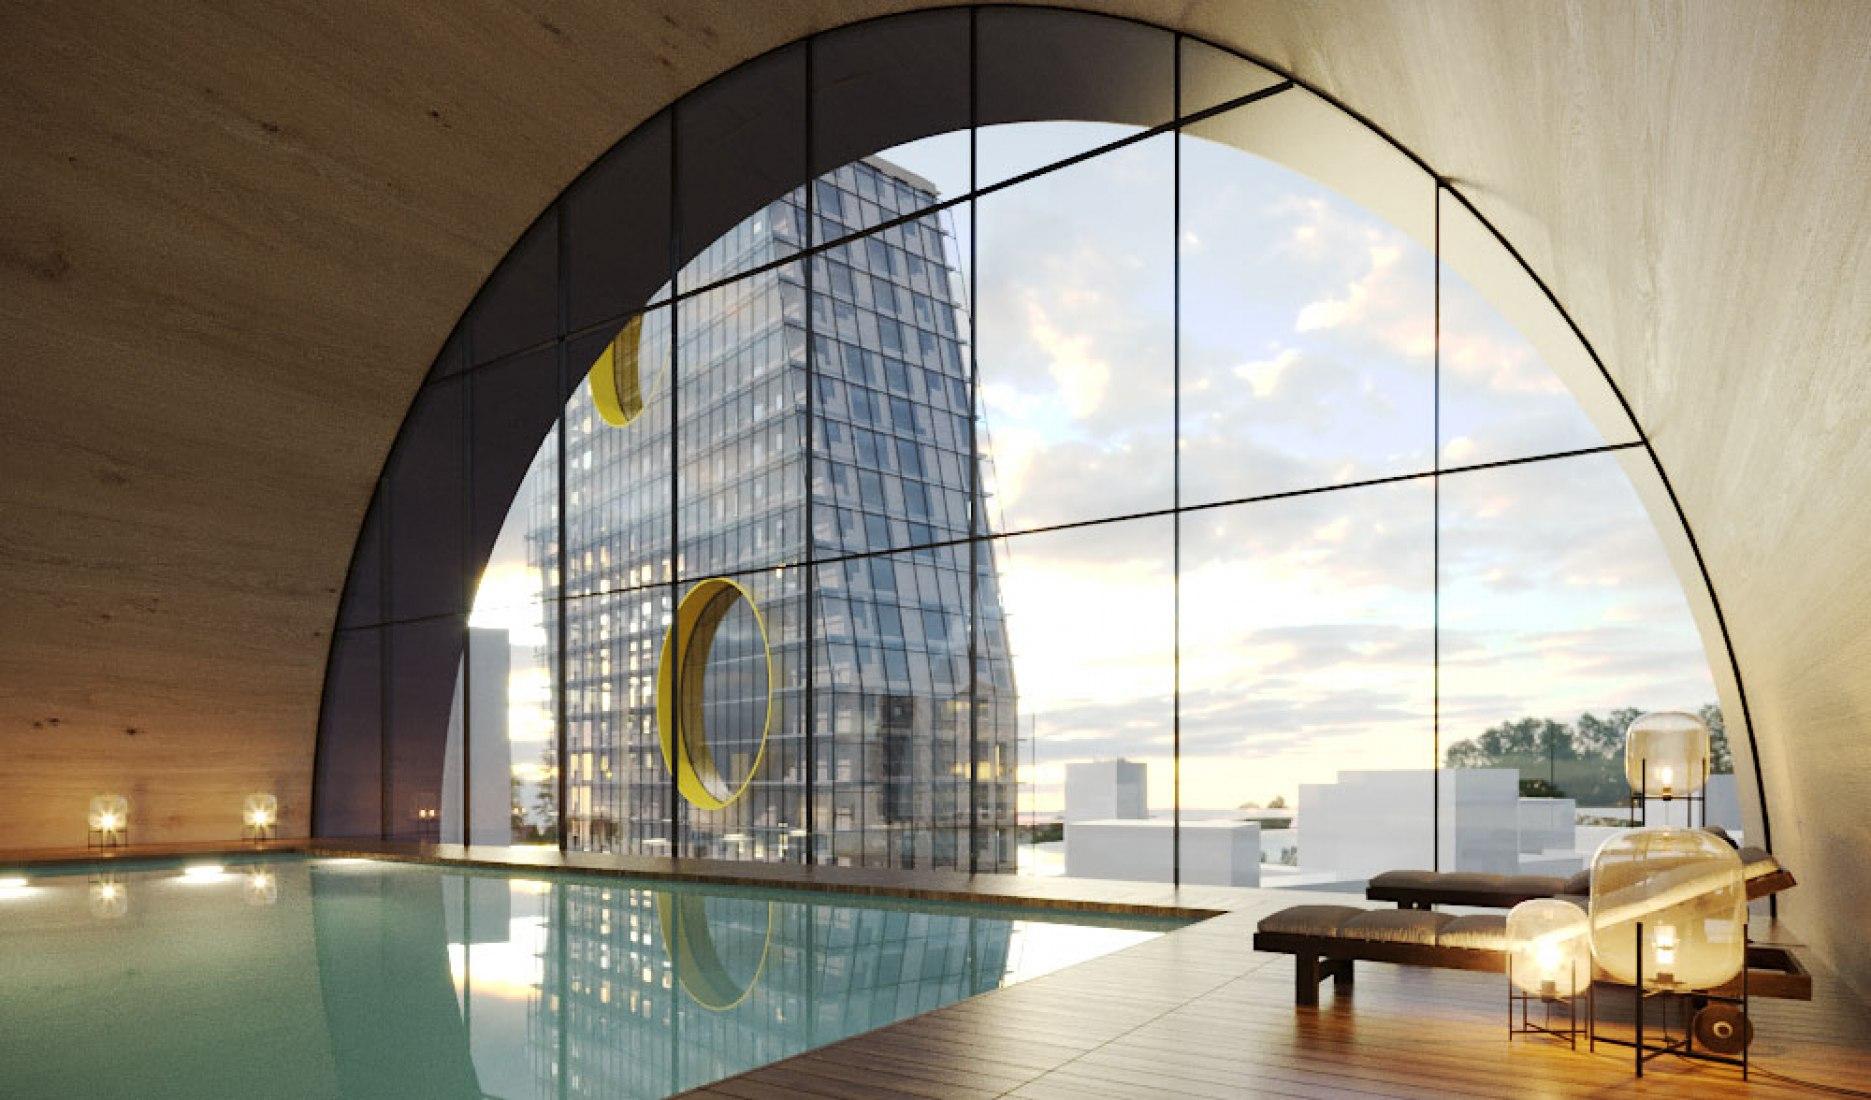 Visualización vista desde el interior. Steven Holl Architects gana el concurso internacional de diseño de nuevos barrios residenciales en Moscú. Imágenes cortesía de Steven Holl Architects